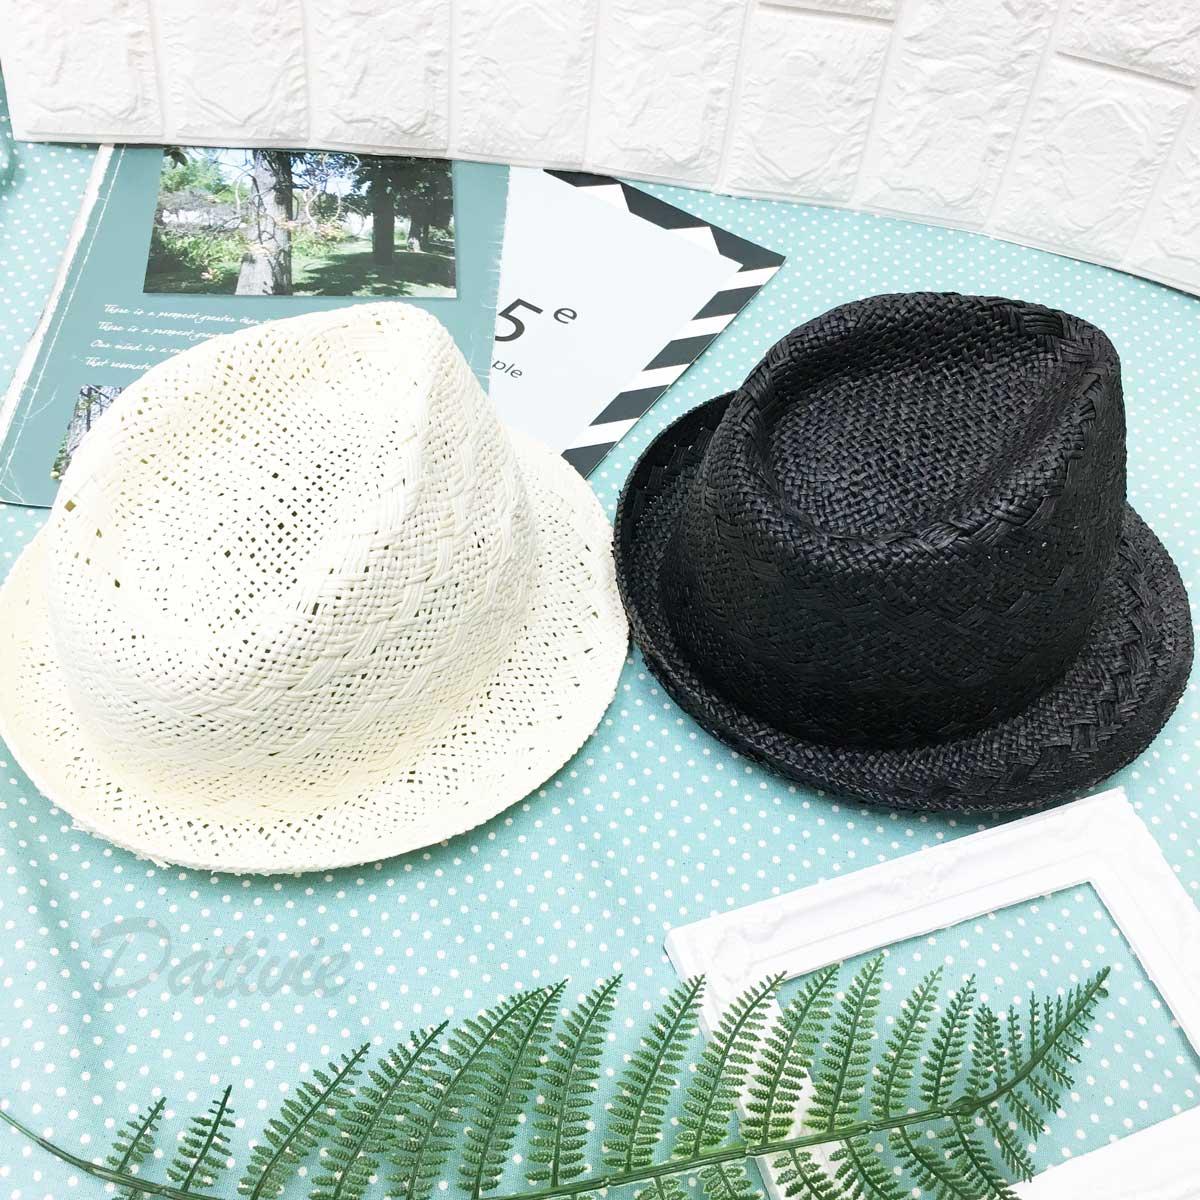 編織款 紋路 個性風 帽子 紳士帽 草帽